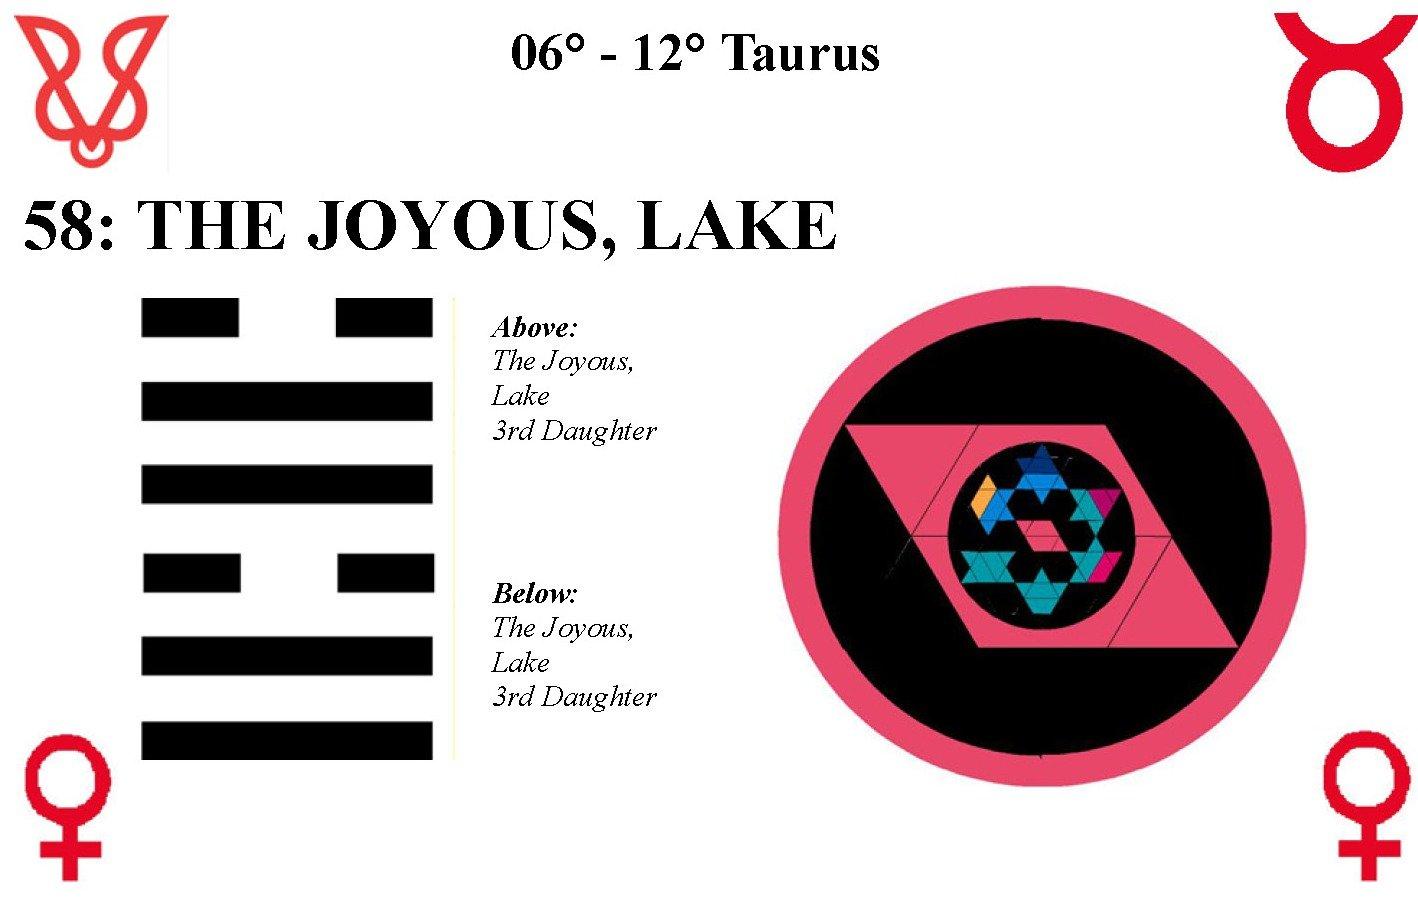 Hx58-Joyous-Lake